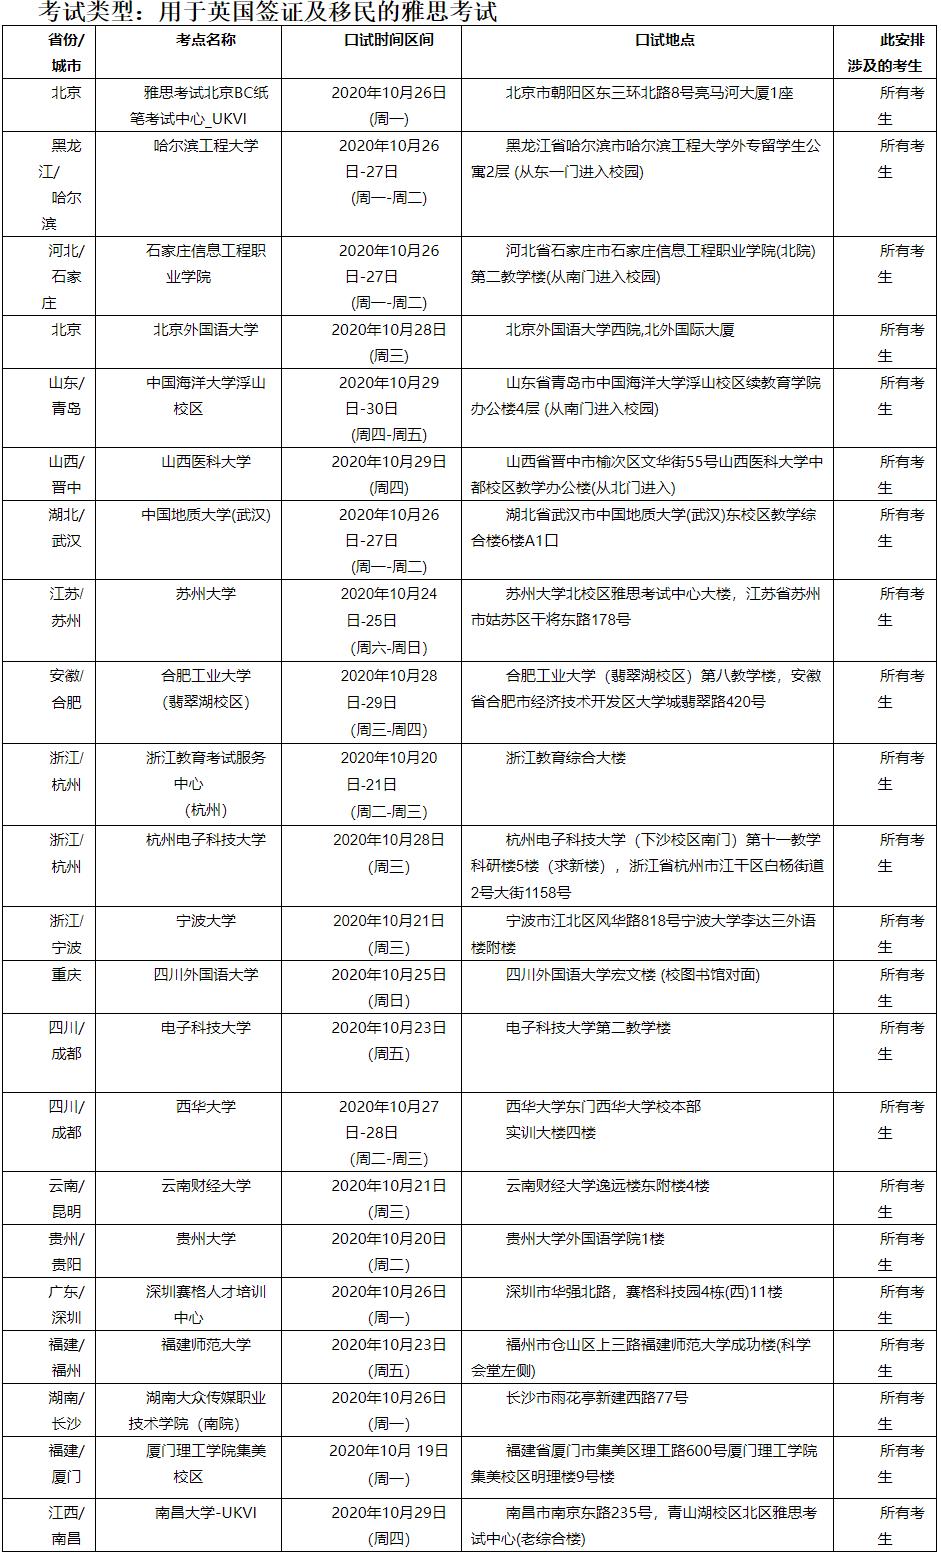 2020年10月24/25日雅思口语考试安排最新通知!